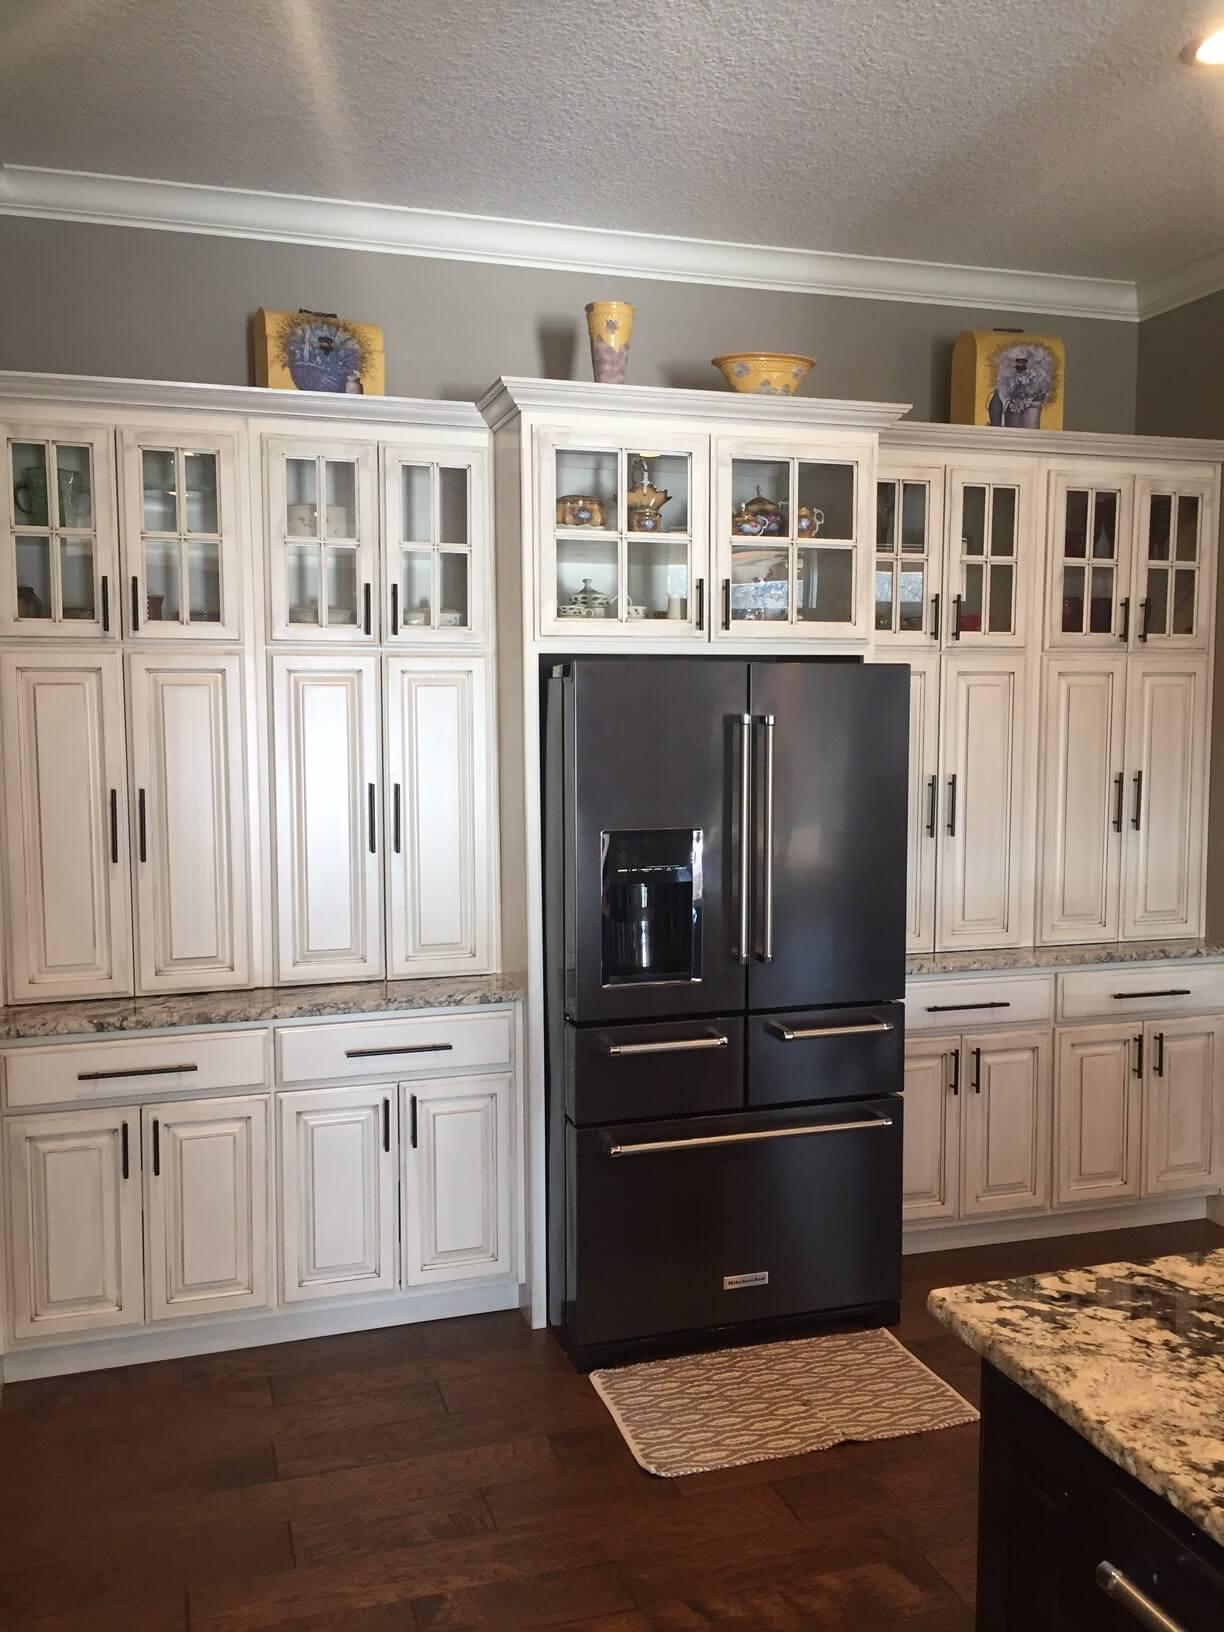 bader kitchen1